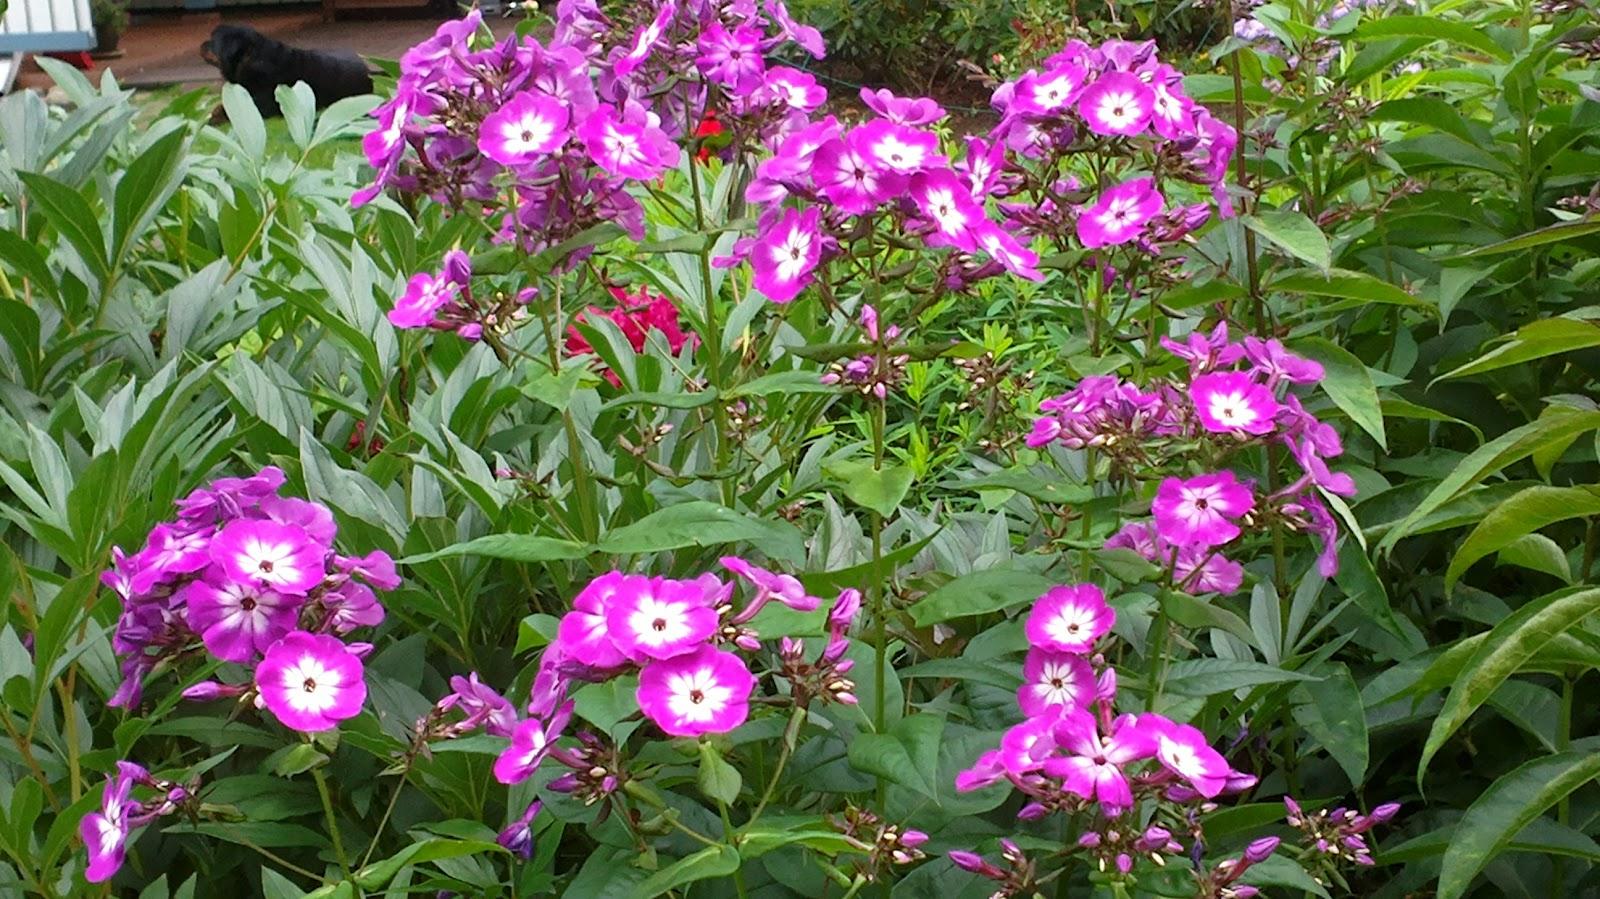 Syysleimut ovat alkaneet kukkimaan – Phloxes are starting to bloom